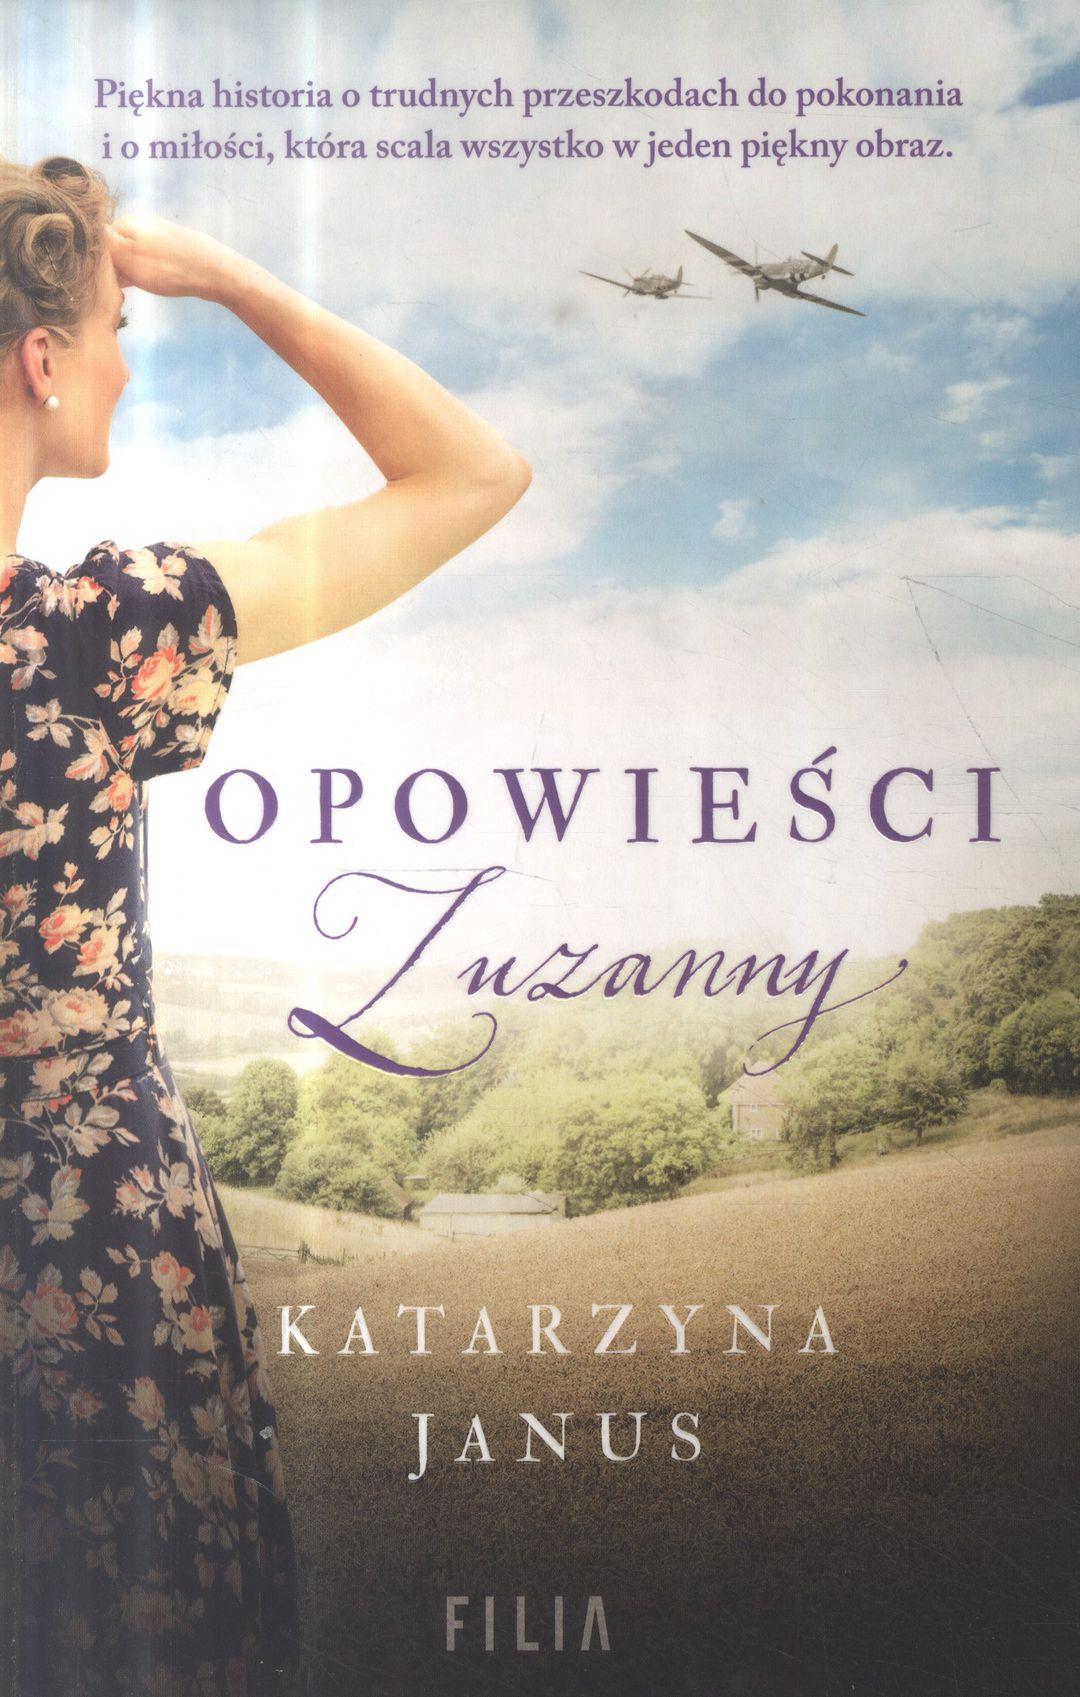 Janus Katarzyna - Opowieści Zuzanny